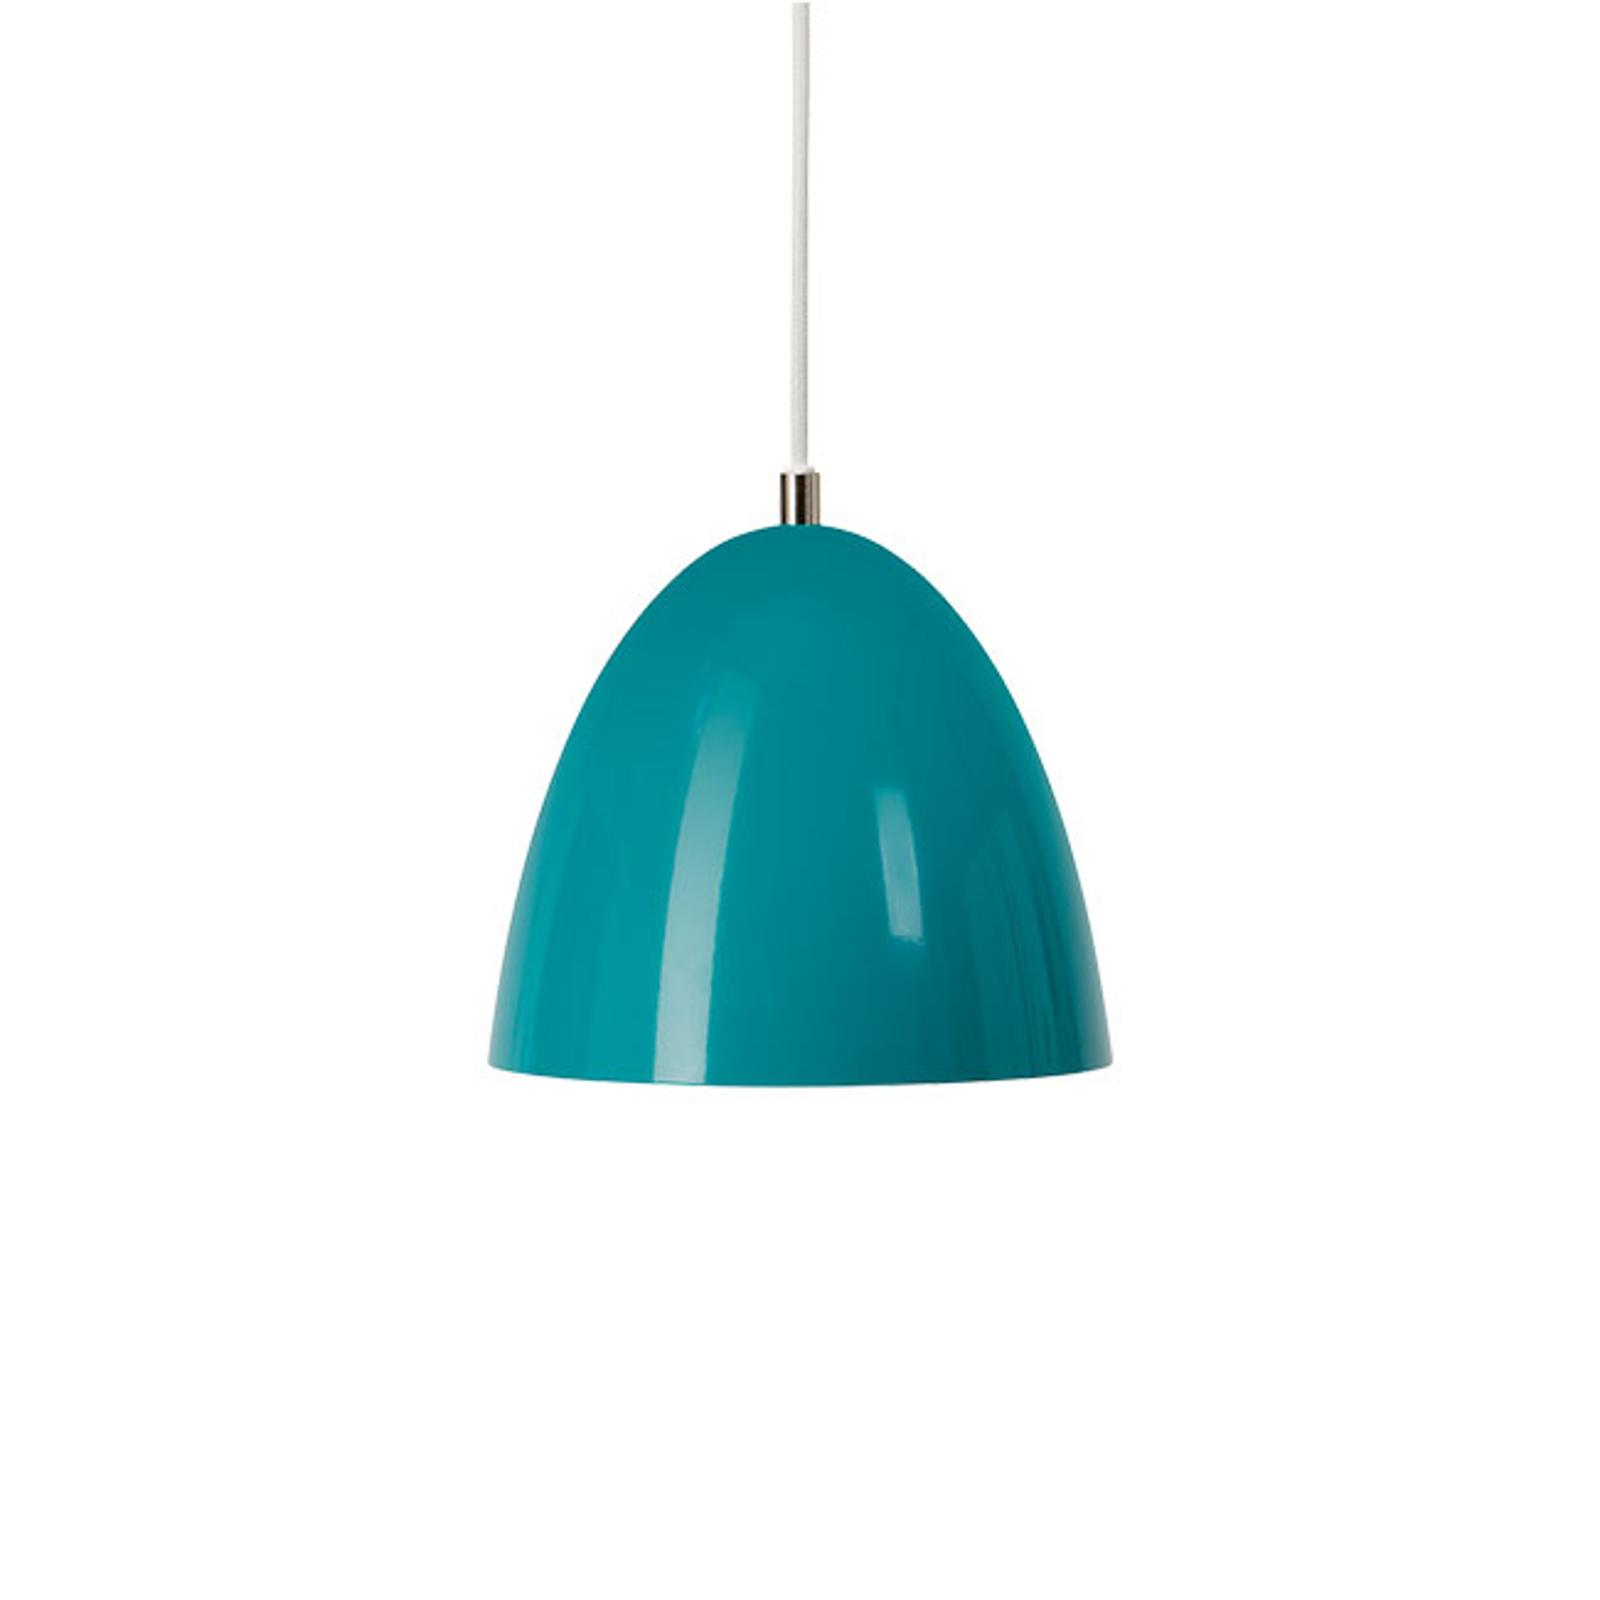 LED hanglamp Eas, Ø 24 cm, 3.000 K, turquoise